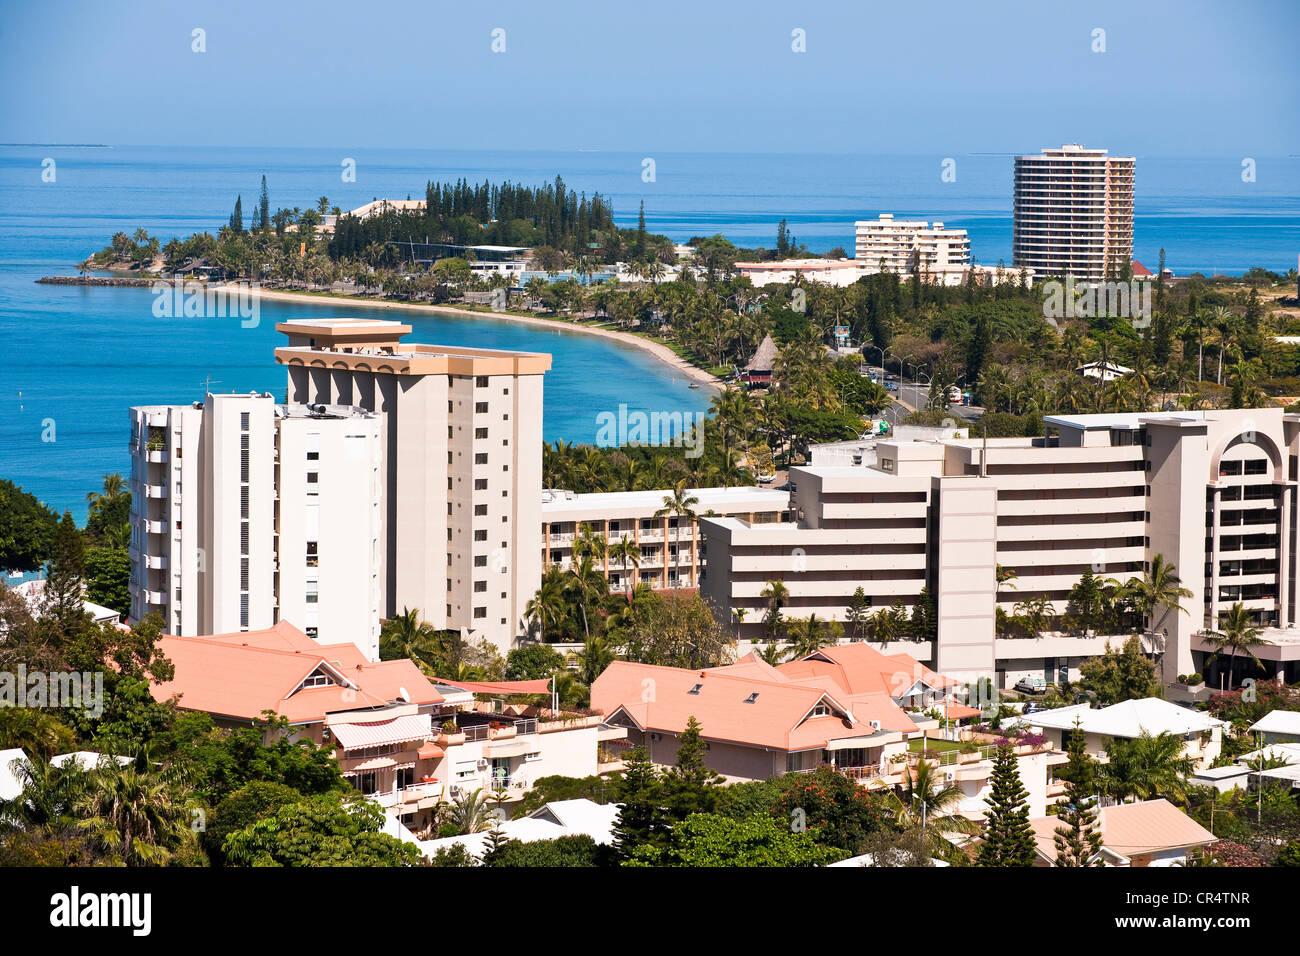 France, Nouvelle Caledonie, Noumea, Anse Vata District - Stock Image